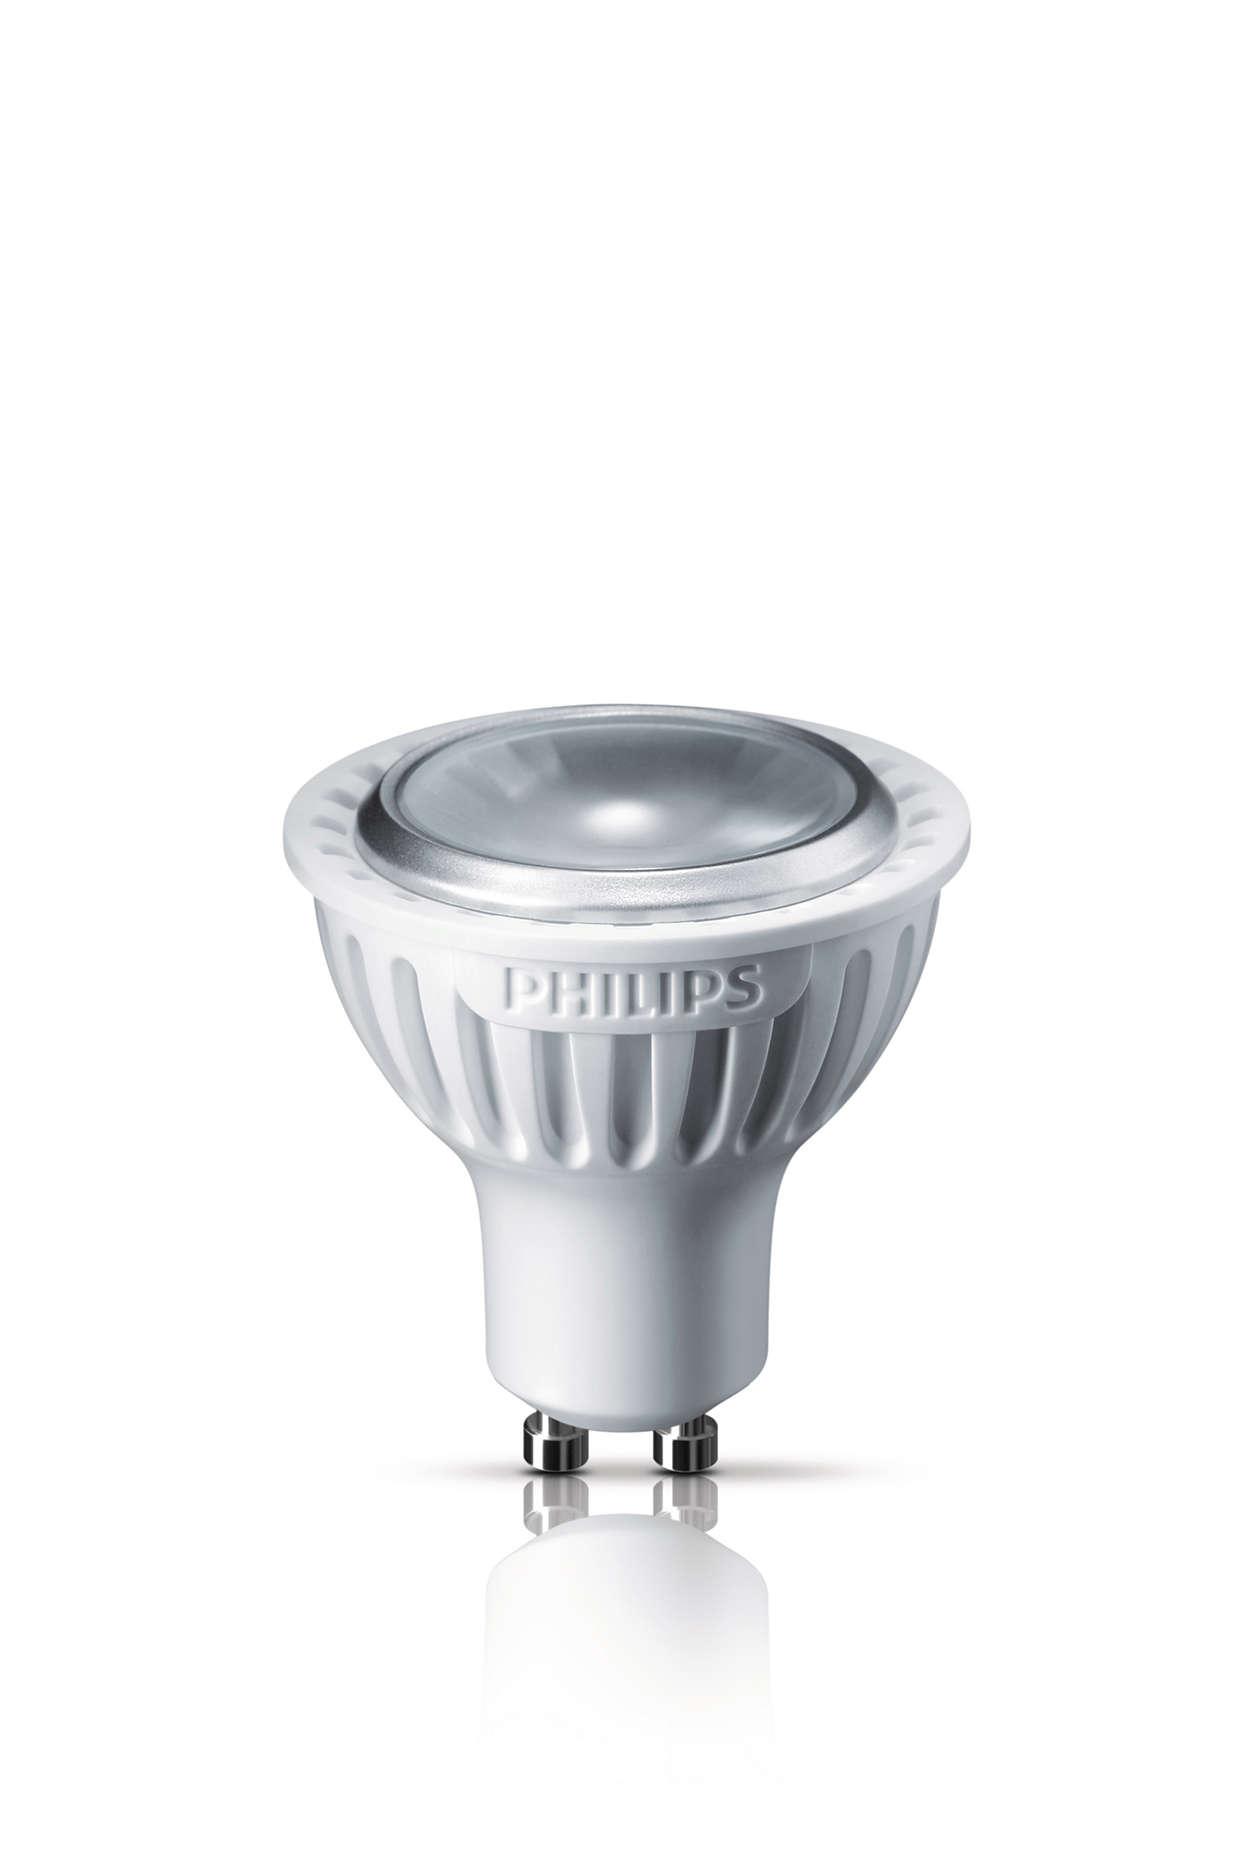 Vrhunska kvaliteta svjetla, najveća ušteda energije